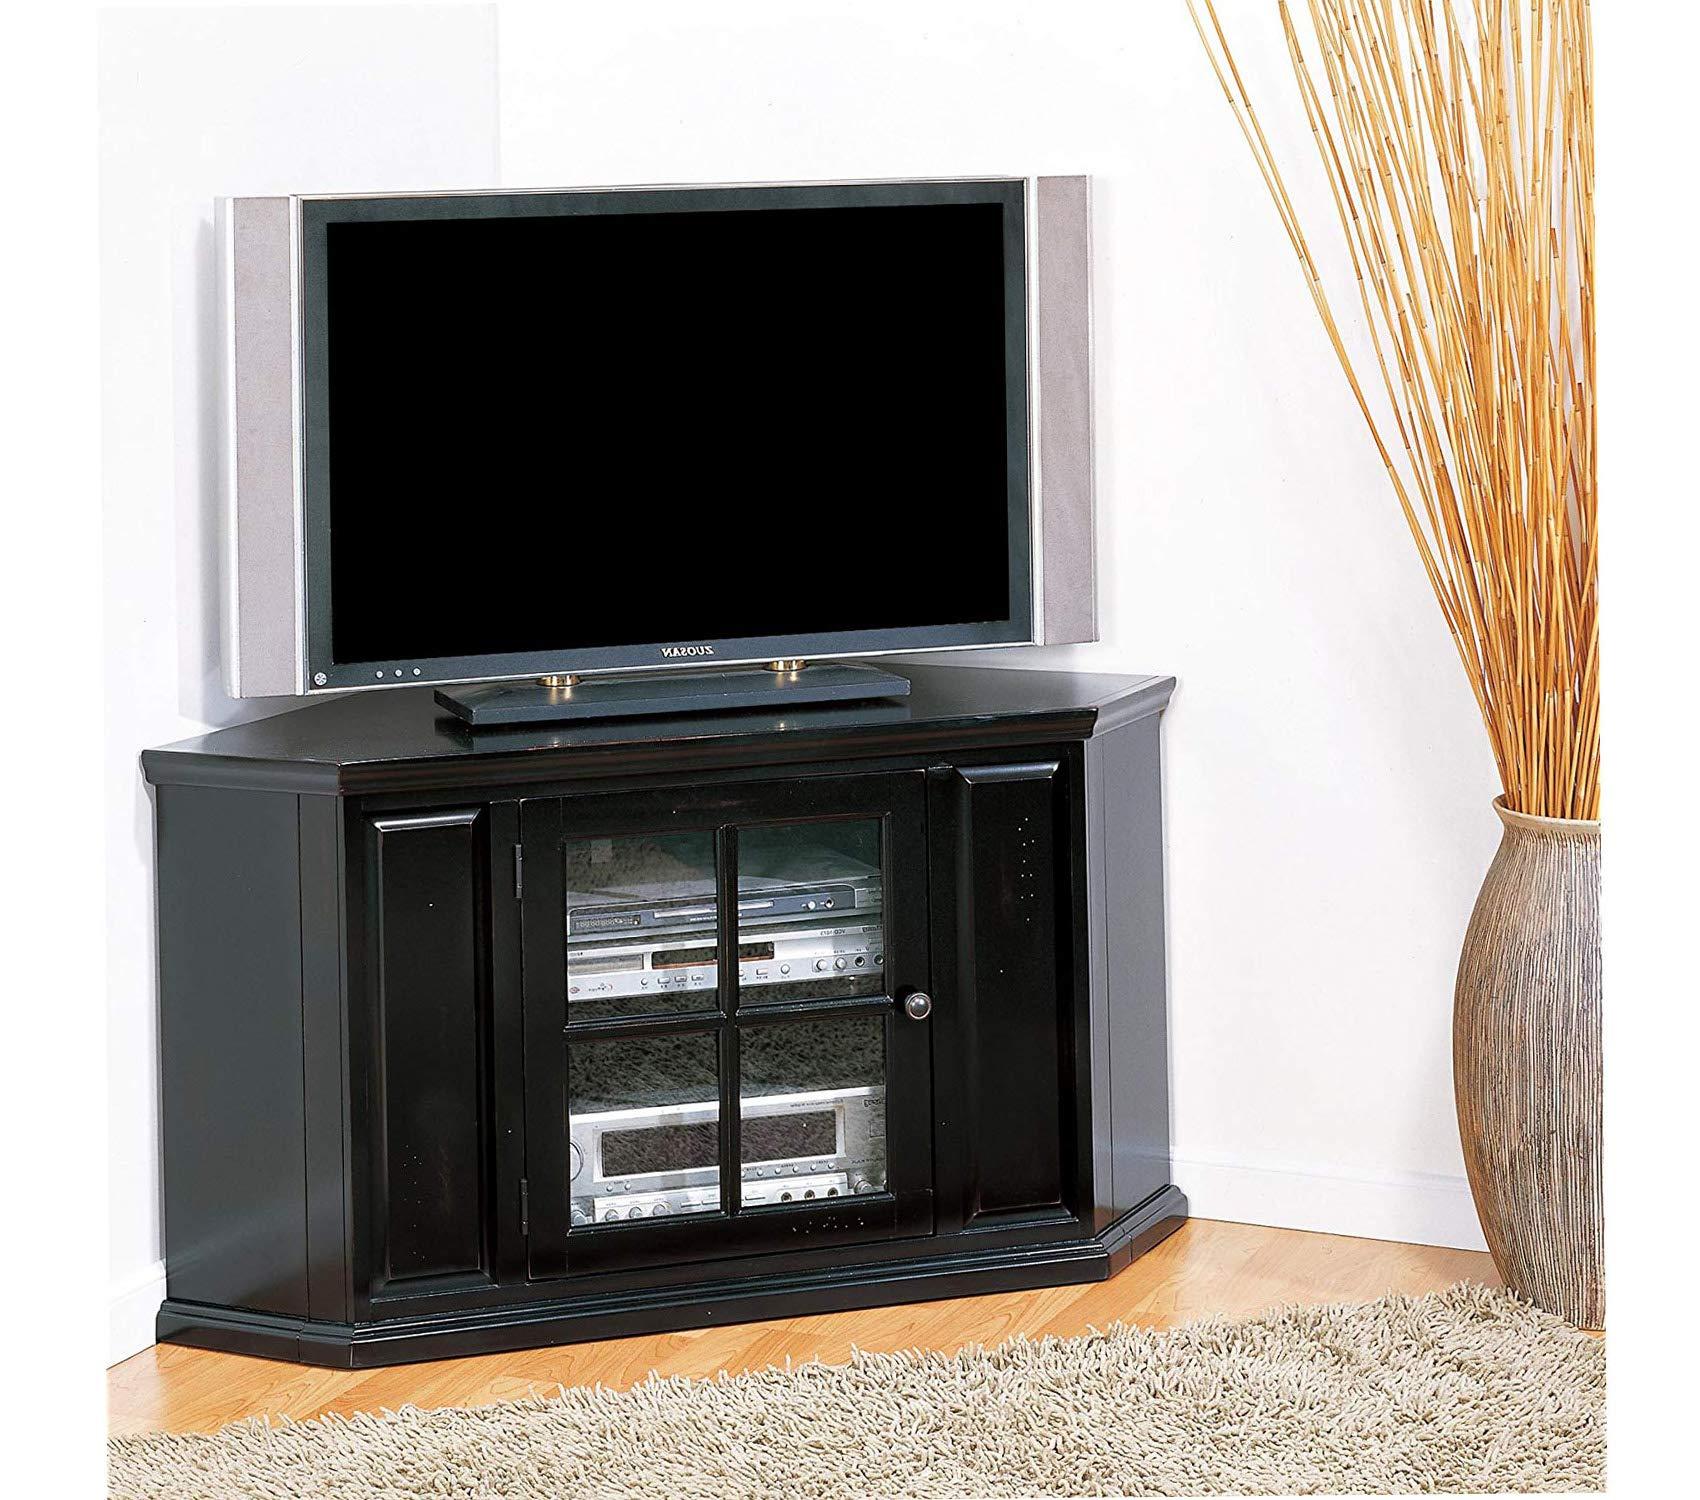 Lеick Furniturе Deluxe Premium Collection Riley - Mueble esquinero para televisor de 46 Pulgadas, Color Negro: Amazon.es: Hogar